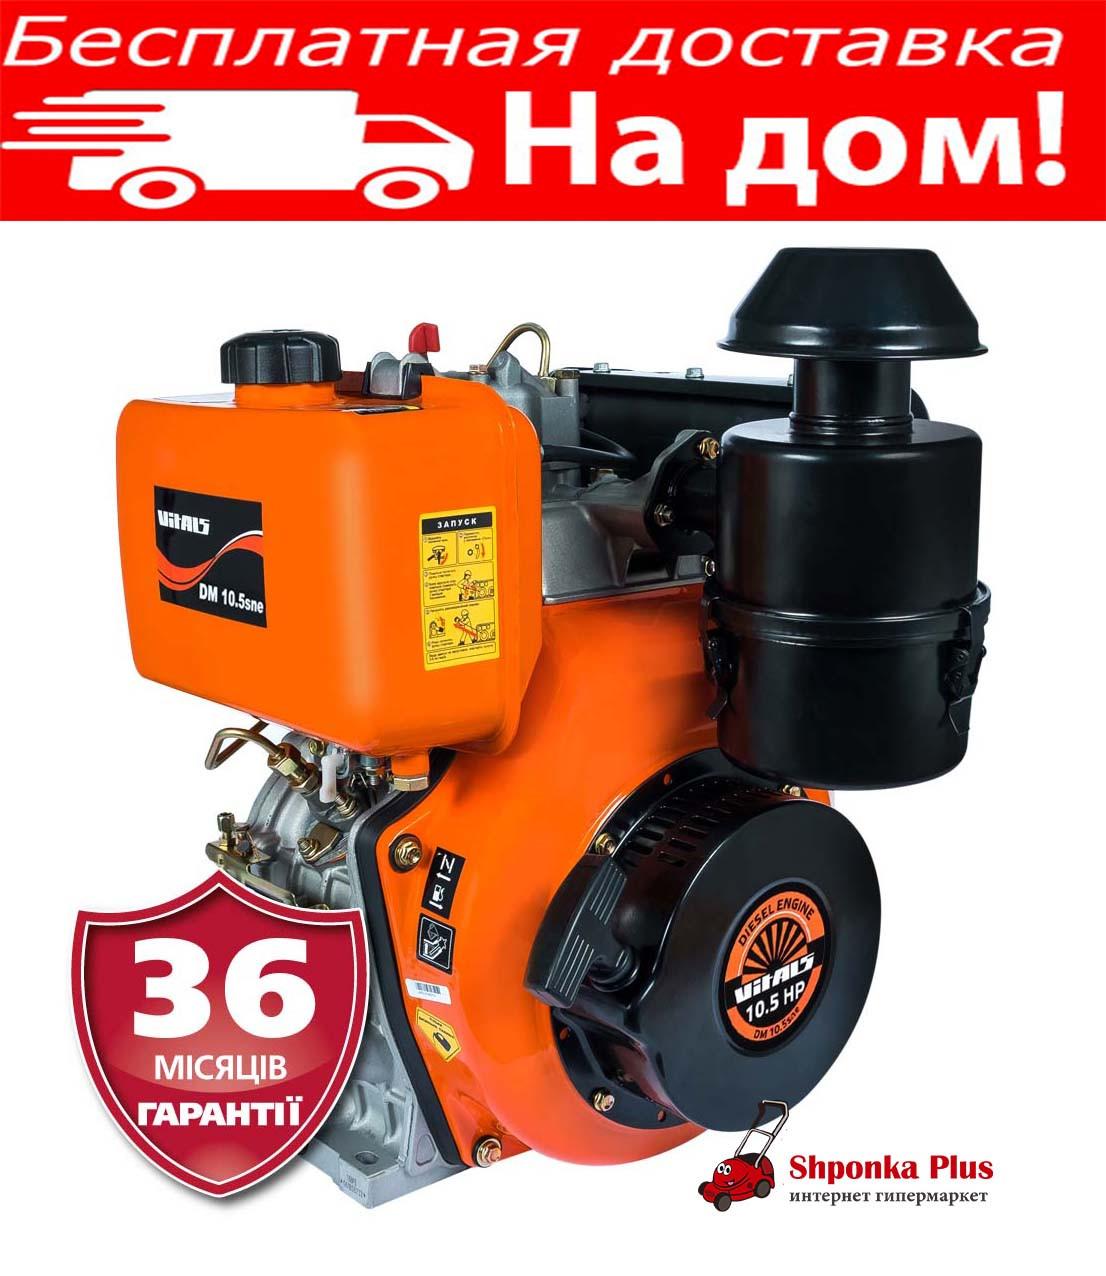 Двигатель дизель, 10.5 л.с., шлицы, электростартер, Vitals 10.5sne (Латвия)